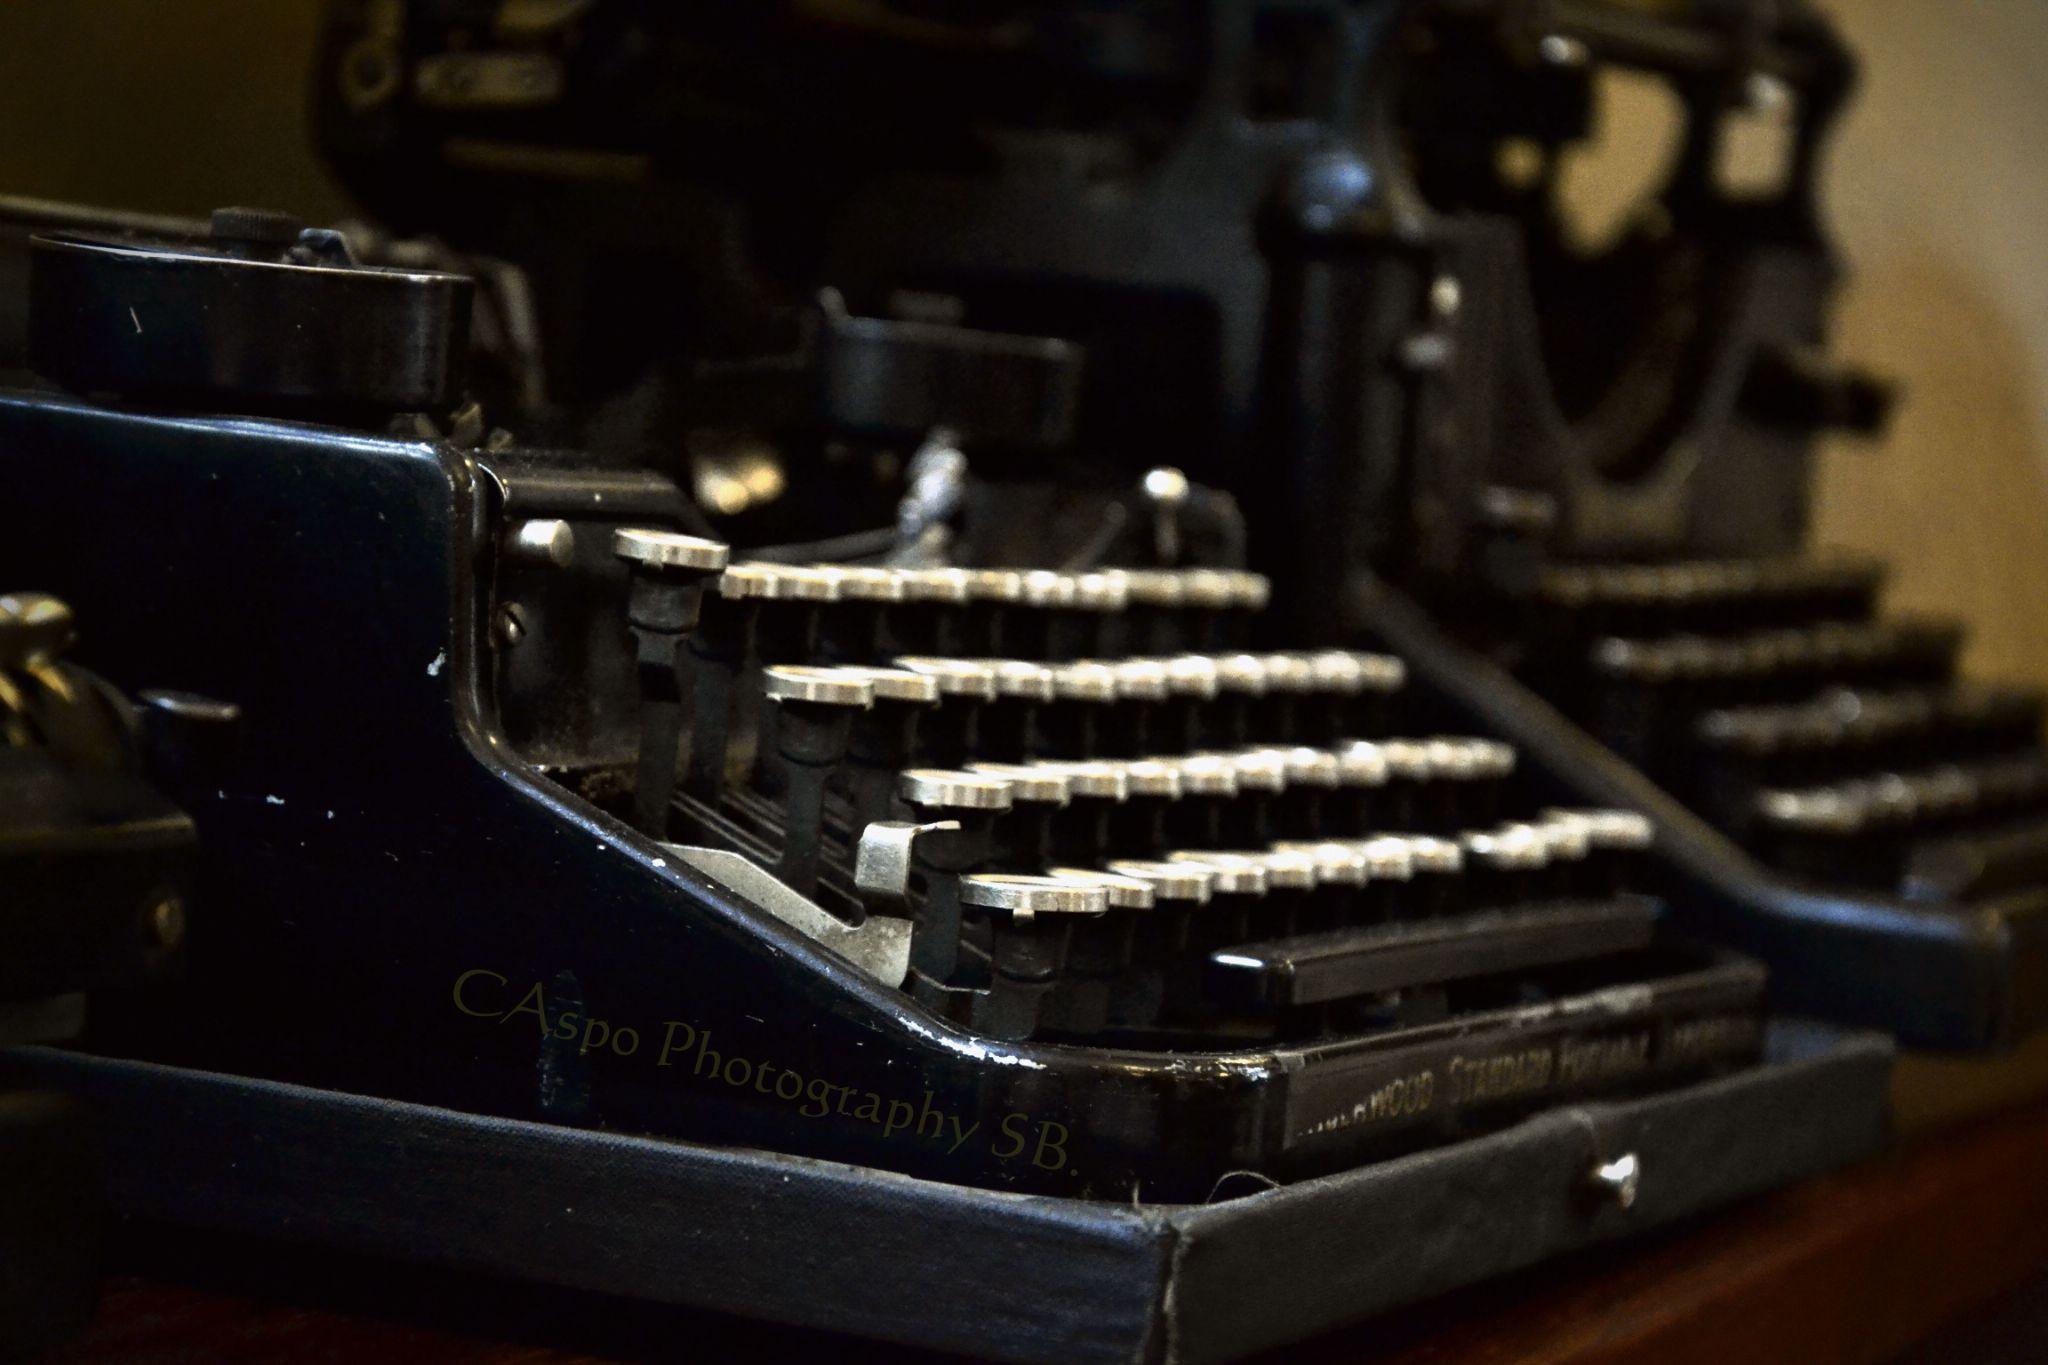 typewriter by rastislavk1